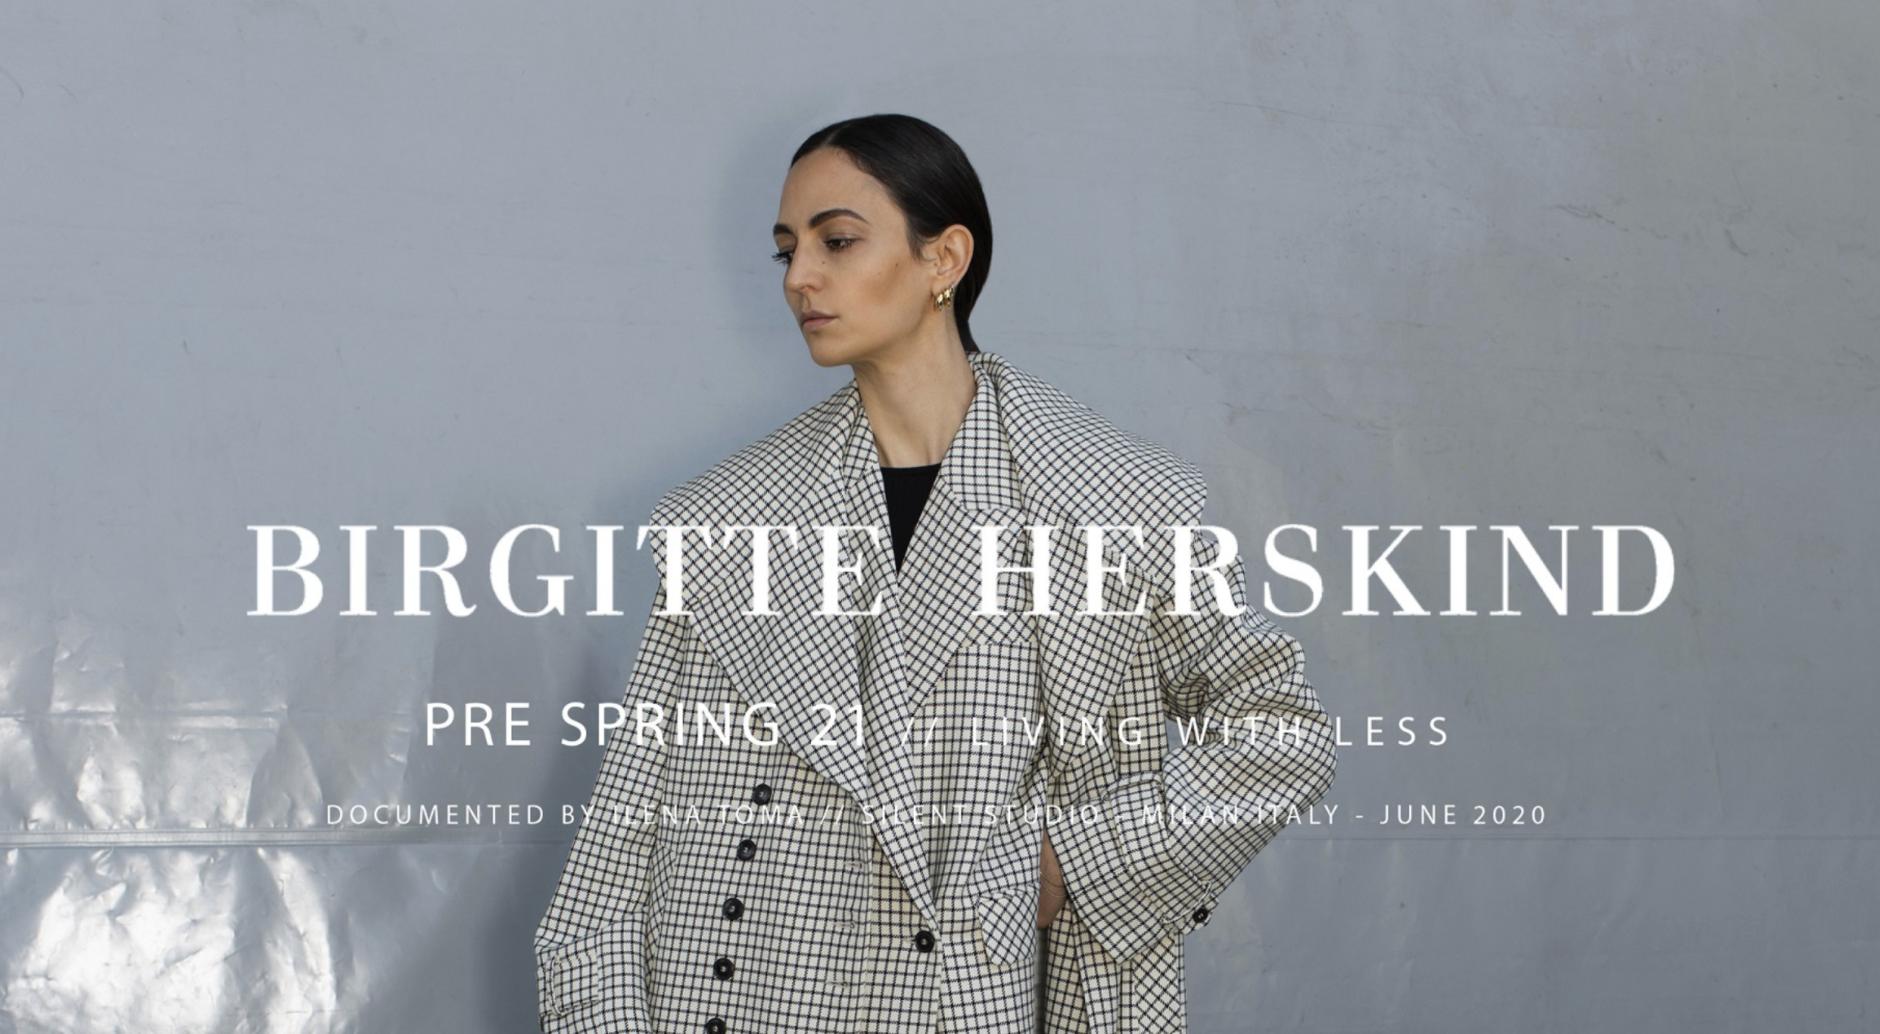 Birgitte Herskind use traede virtual showroom